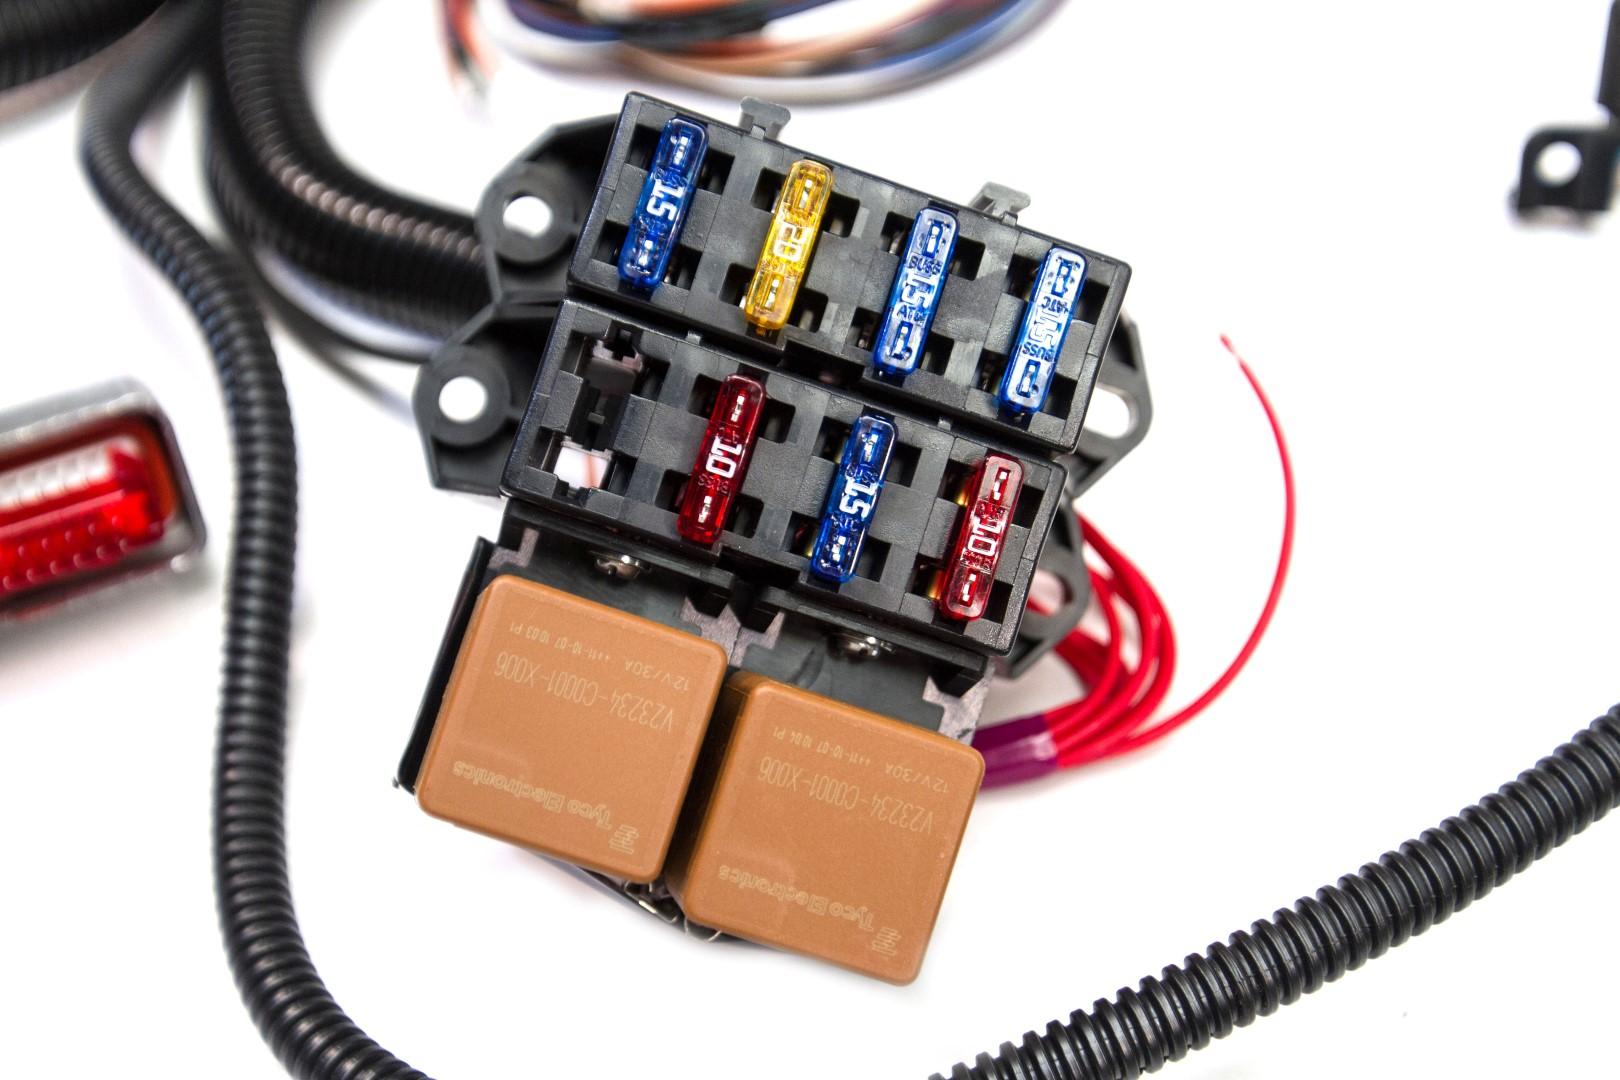 06 - '13 GEN IV LS2/LS3 W/T56/TR6060 STANDALONE WIRING HARNESS (DBC Painless Wiring Harness Ls on ls6 wiring harness, ls wiring harness, sr20det wiring harness, lq4 wiring harness, 4l 80 wiring harness, lsx wiring harness, ls7 wiring harness, engine wiring harness, gm wiring harness, ecm wiring harness,